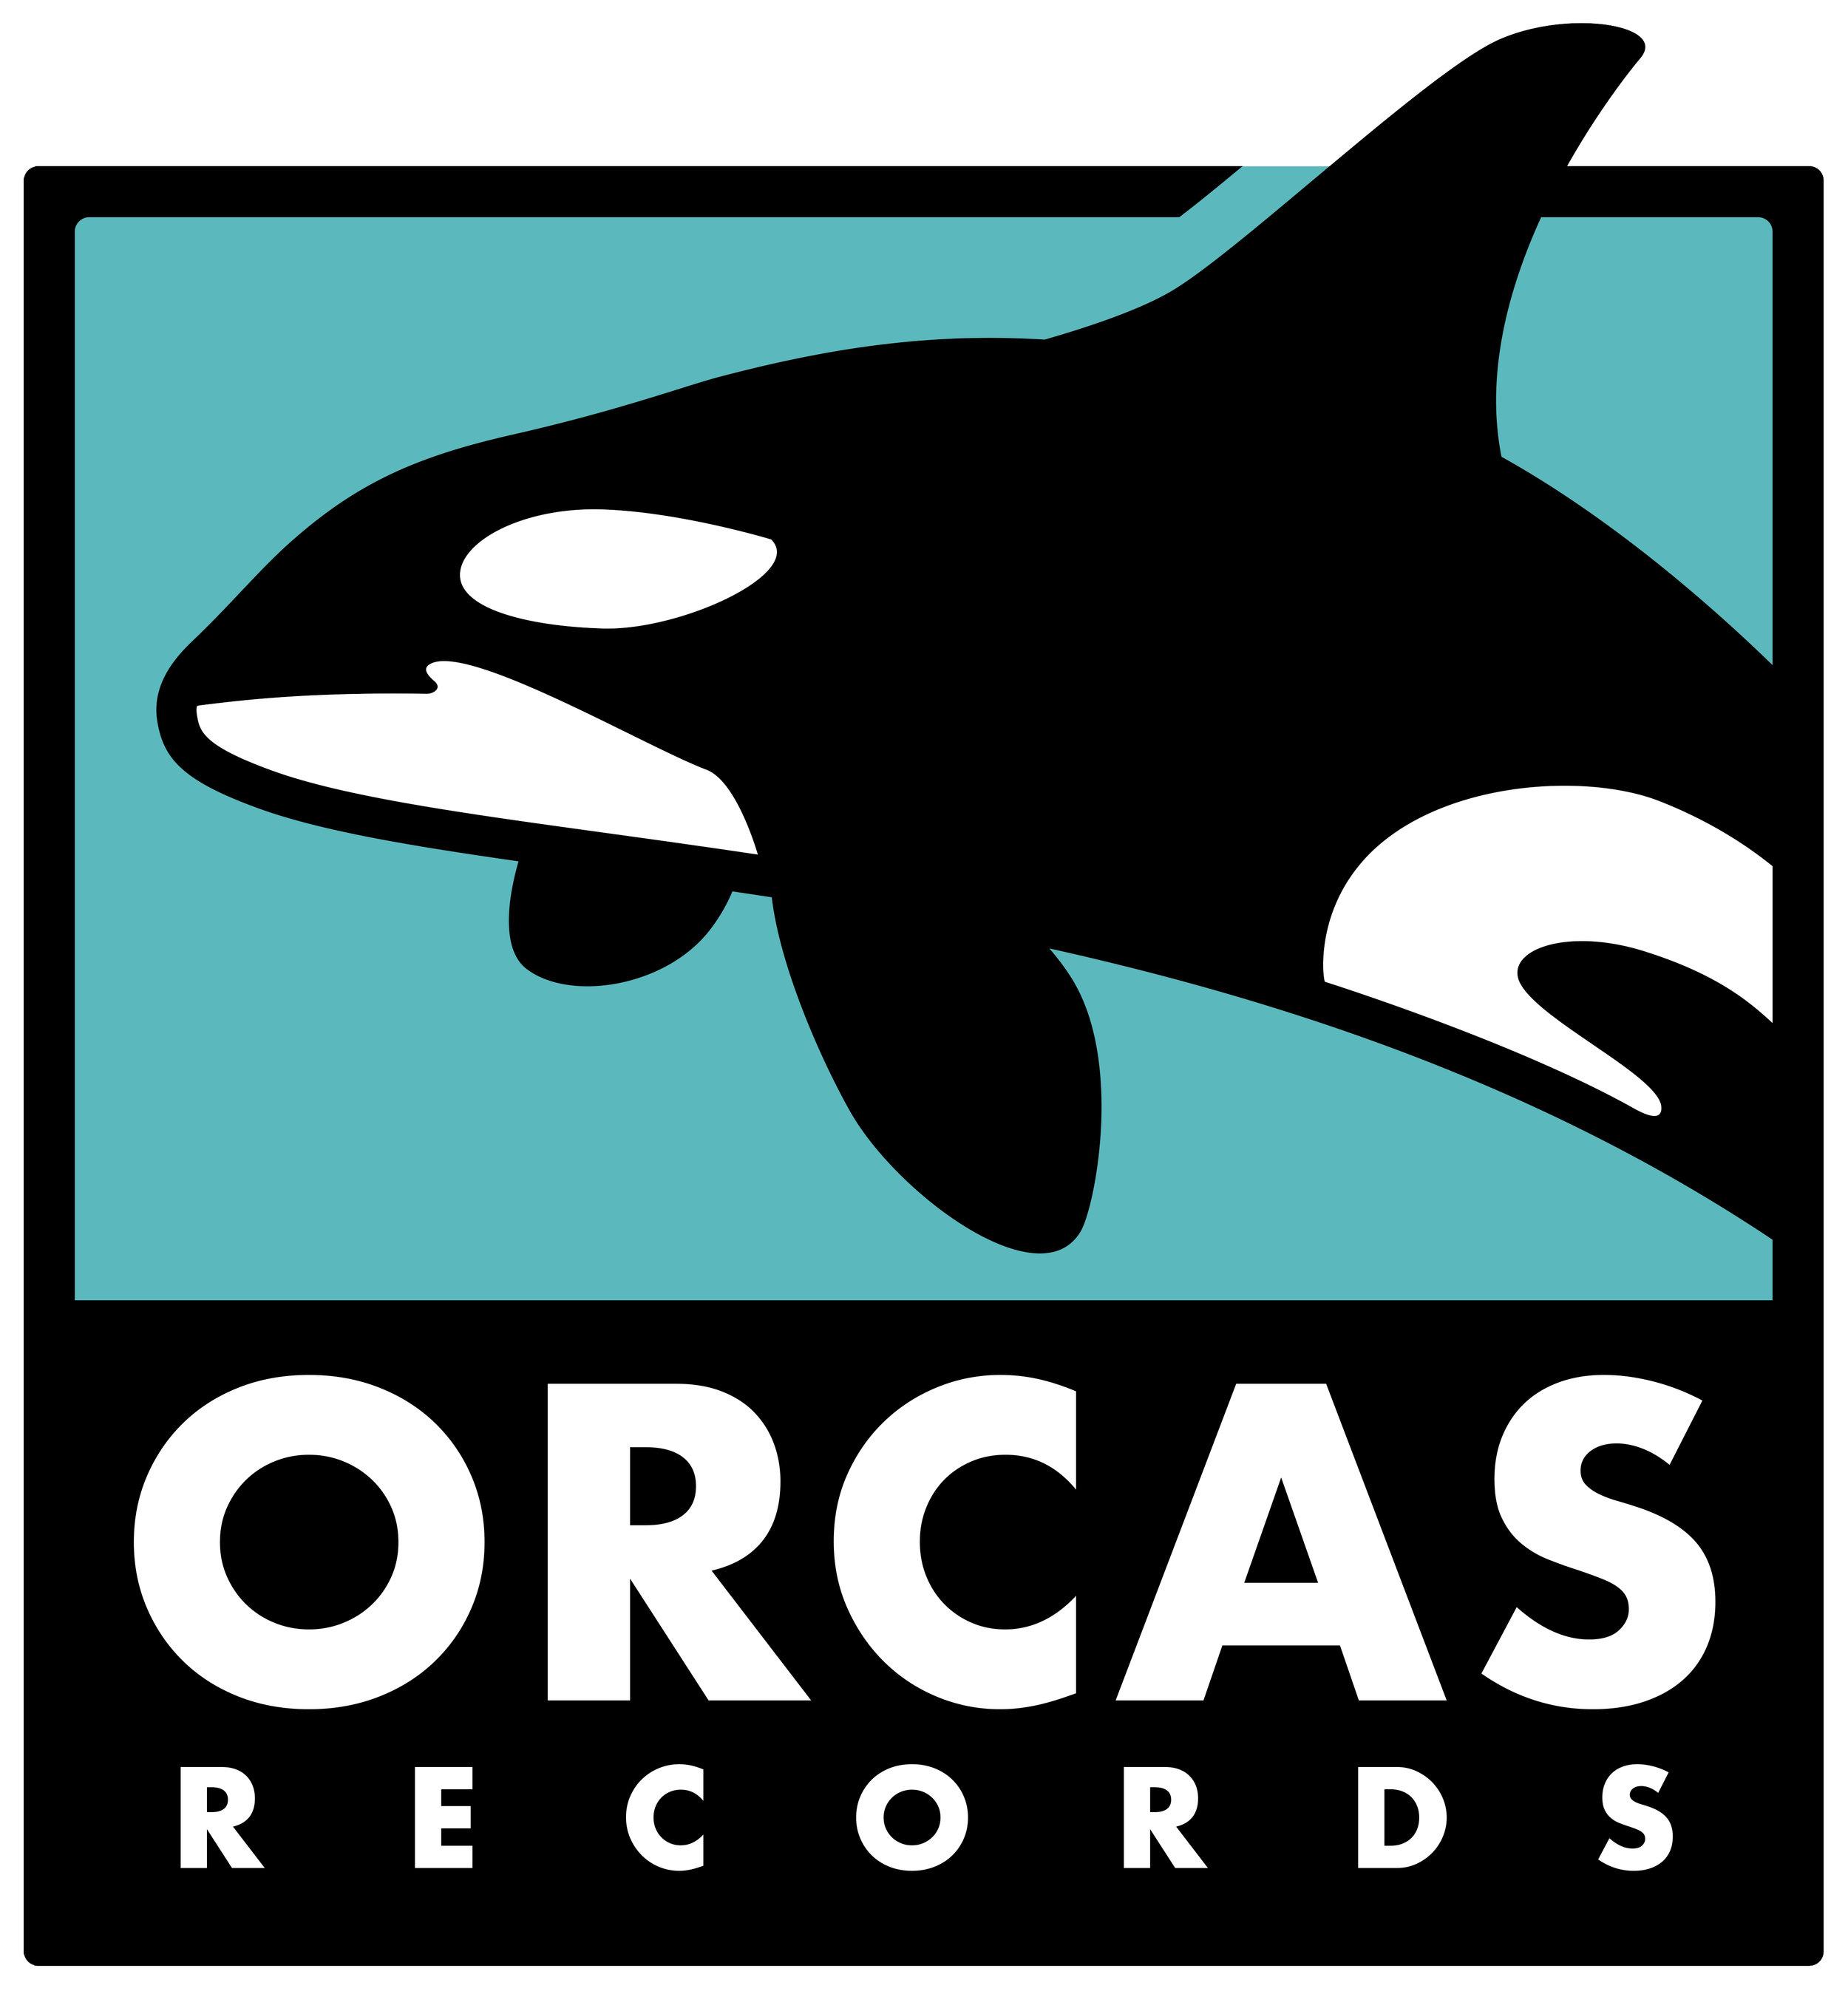 Orcas Records